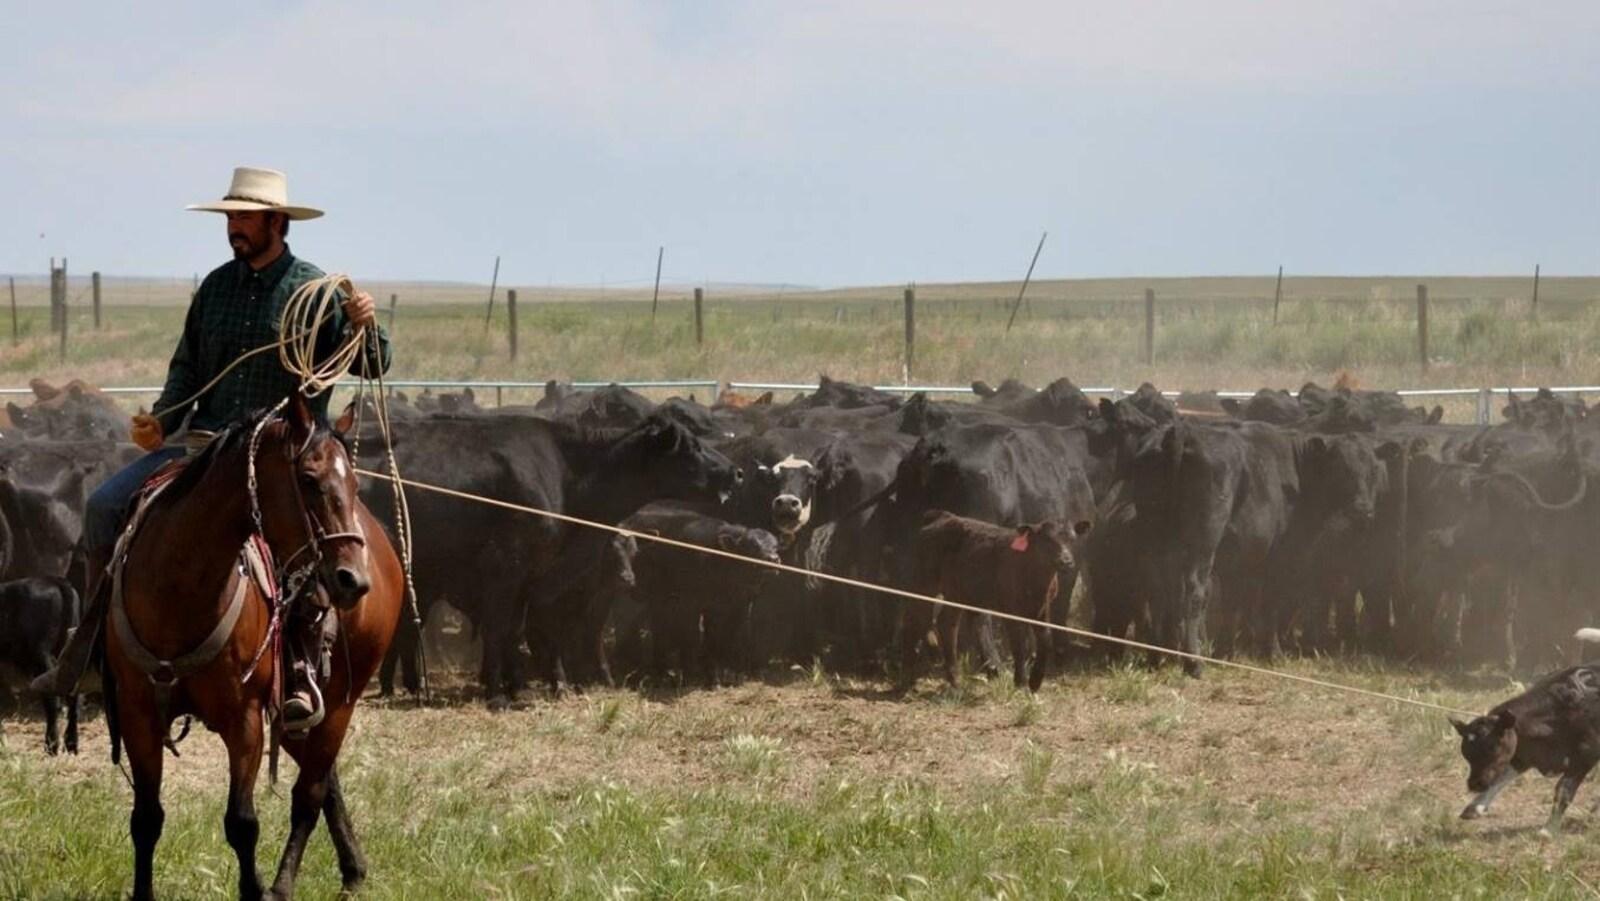 Ben Tyner est sur un cheval et derrière lui se trouvent des vaches.